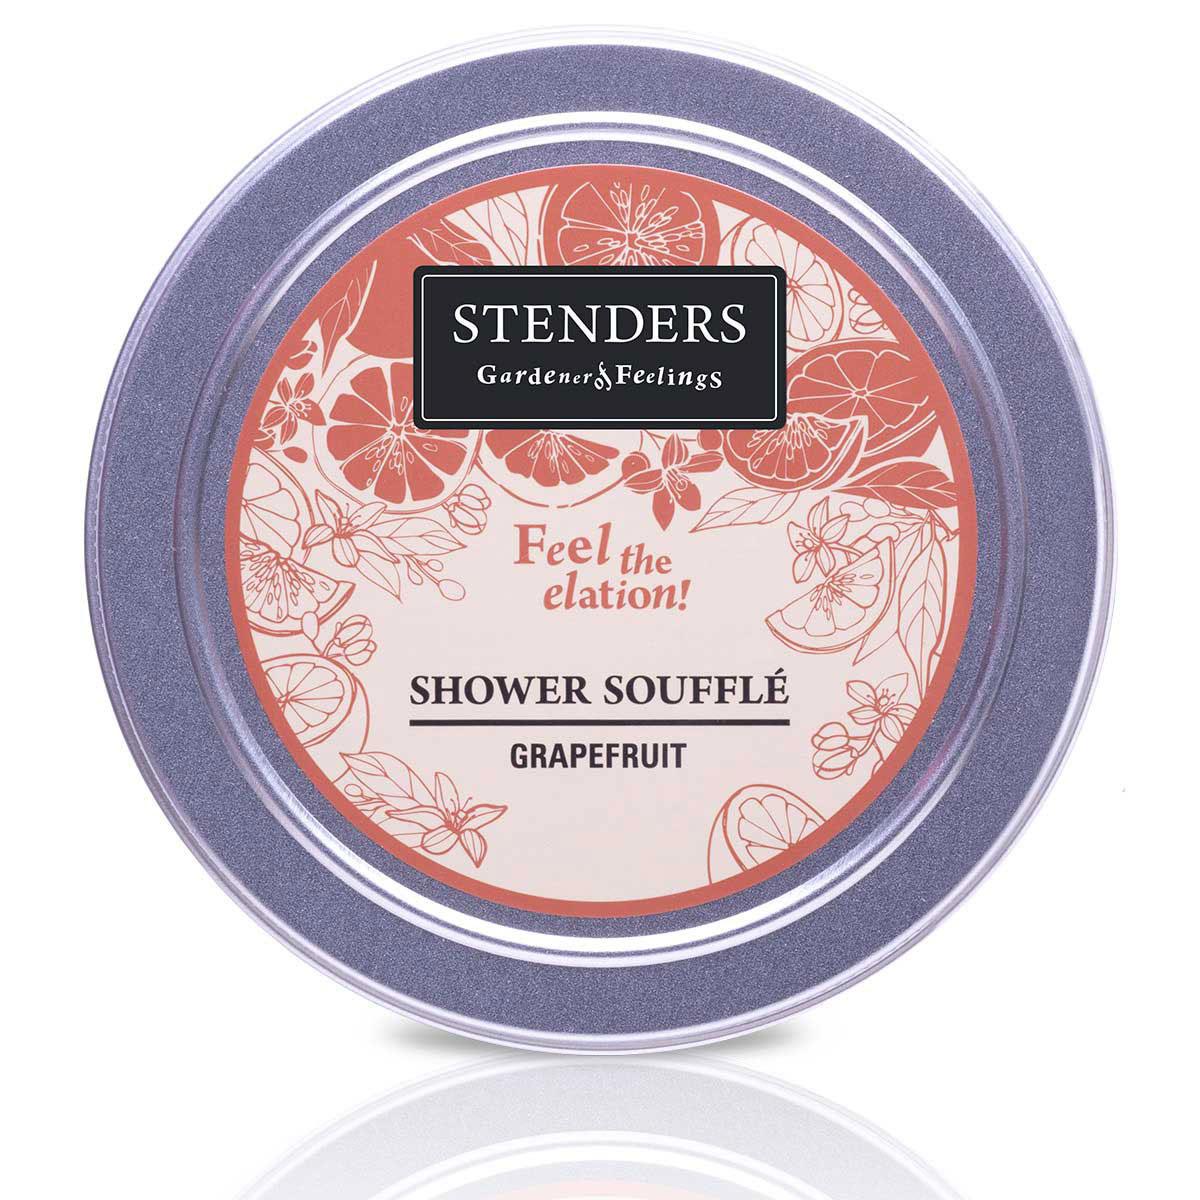 Stenders Мусс для душа Грейпфрутовый, 110 гFS-00897Эта легкая кремовая пена очищает кожу нежнейшими прикосновениями. Это исключительная возможность насладиться удовольствием от купания. Почувствуйте, как жизнеутверждающий аромат эфирного масла грейпфрута вдохновляет вас по-настоящему наслаждаться жизнью. Этот мусс бережно относится к вашей коже – его ph 5,5 и он не содержит парабенов и сульфатов.PH - нейтральный мягкий воздушный мусс для мытья тела. Грейпфрутовому эфирному маслу присуща солнечная и оживляющая сила, которая взбодрит как тело, так и дух. Кроме того, оно может помочь улучшить структуру вашей кожи. Глицерин – это органическое соединение с увлажняющим и смягчающим кожу воздействием. Кроме того, ему присуща способность привлекать влагу из воздуха.